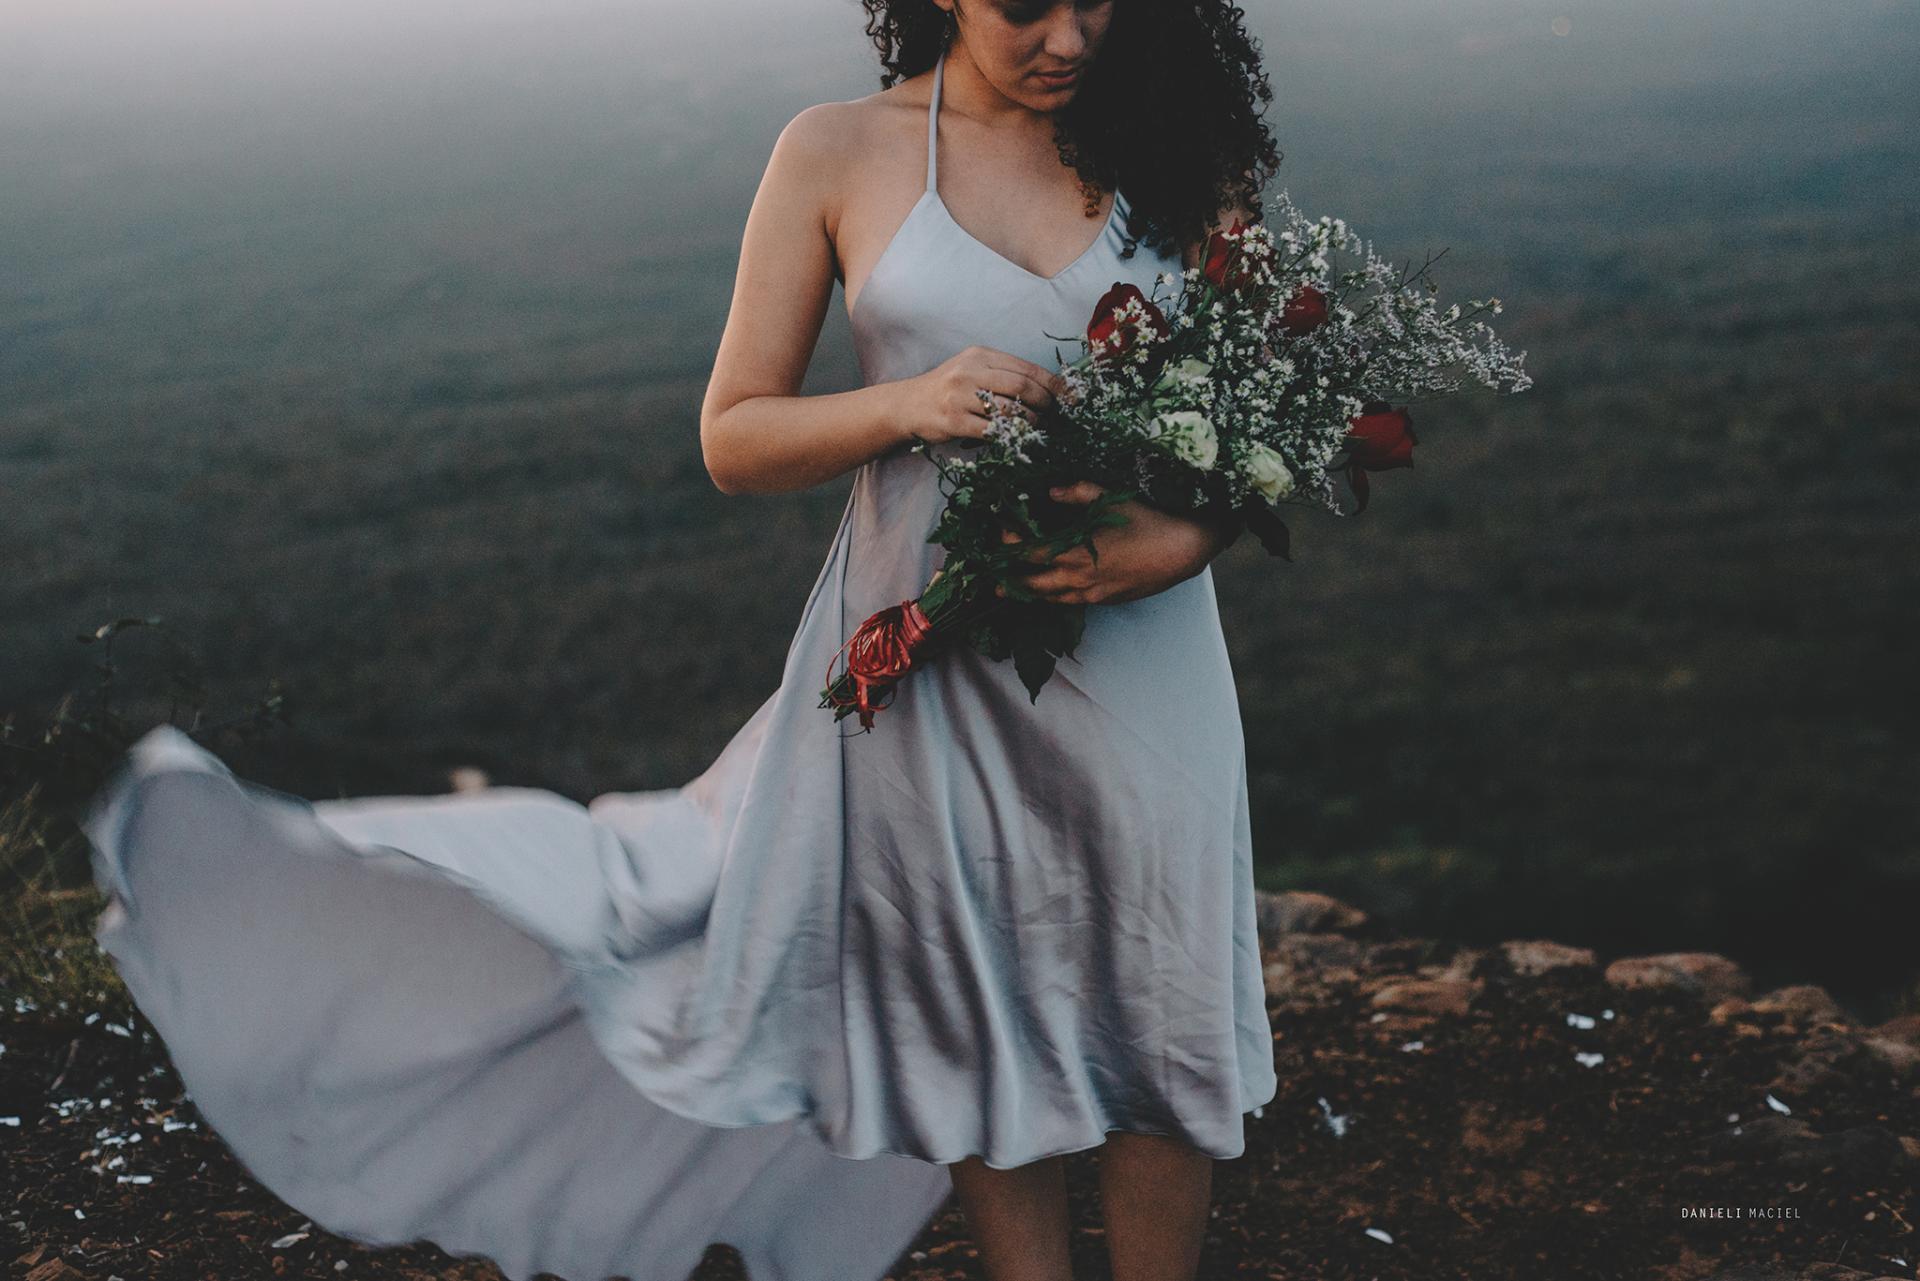 Entre um ensaio e um pedido lindo de casamento